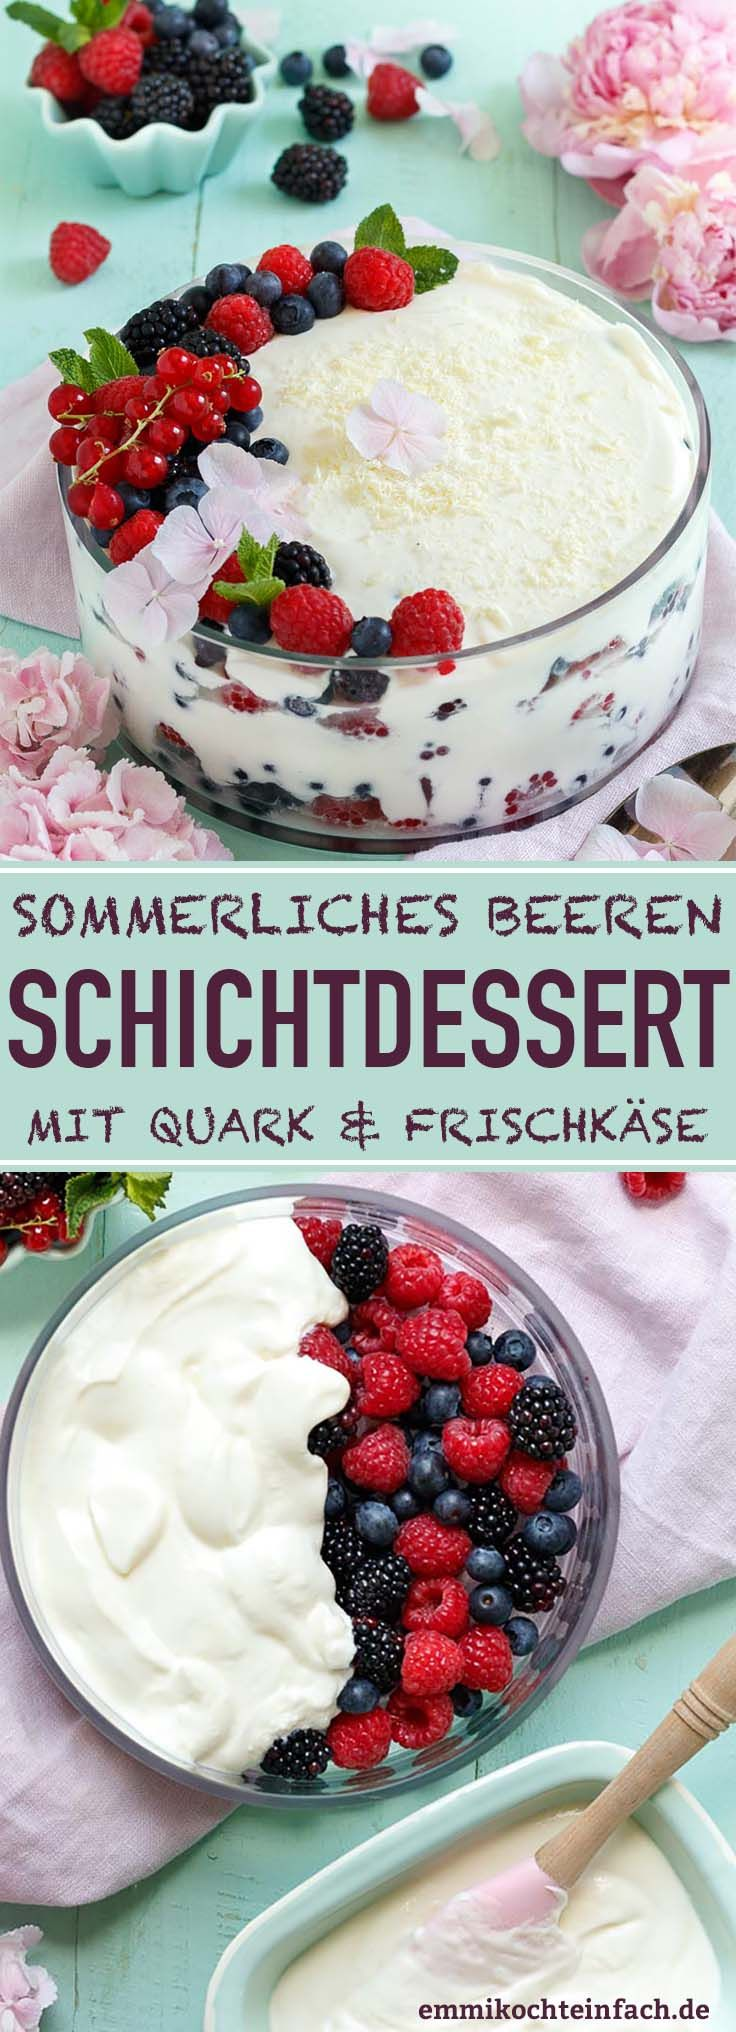 Beeren Schichtdessert mit Quark und Frischkäse - emmikochteinfach